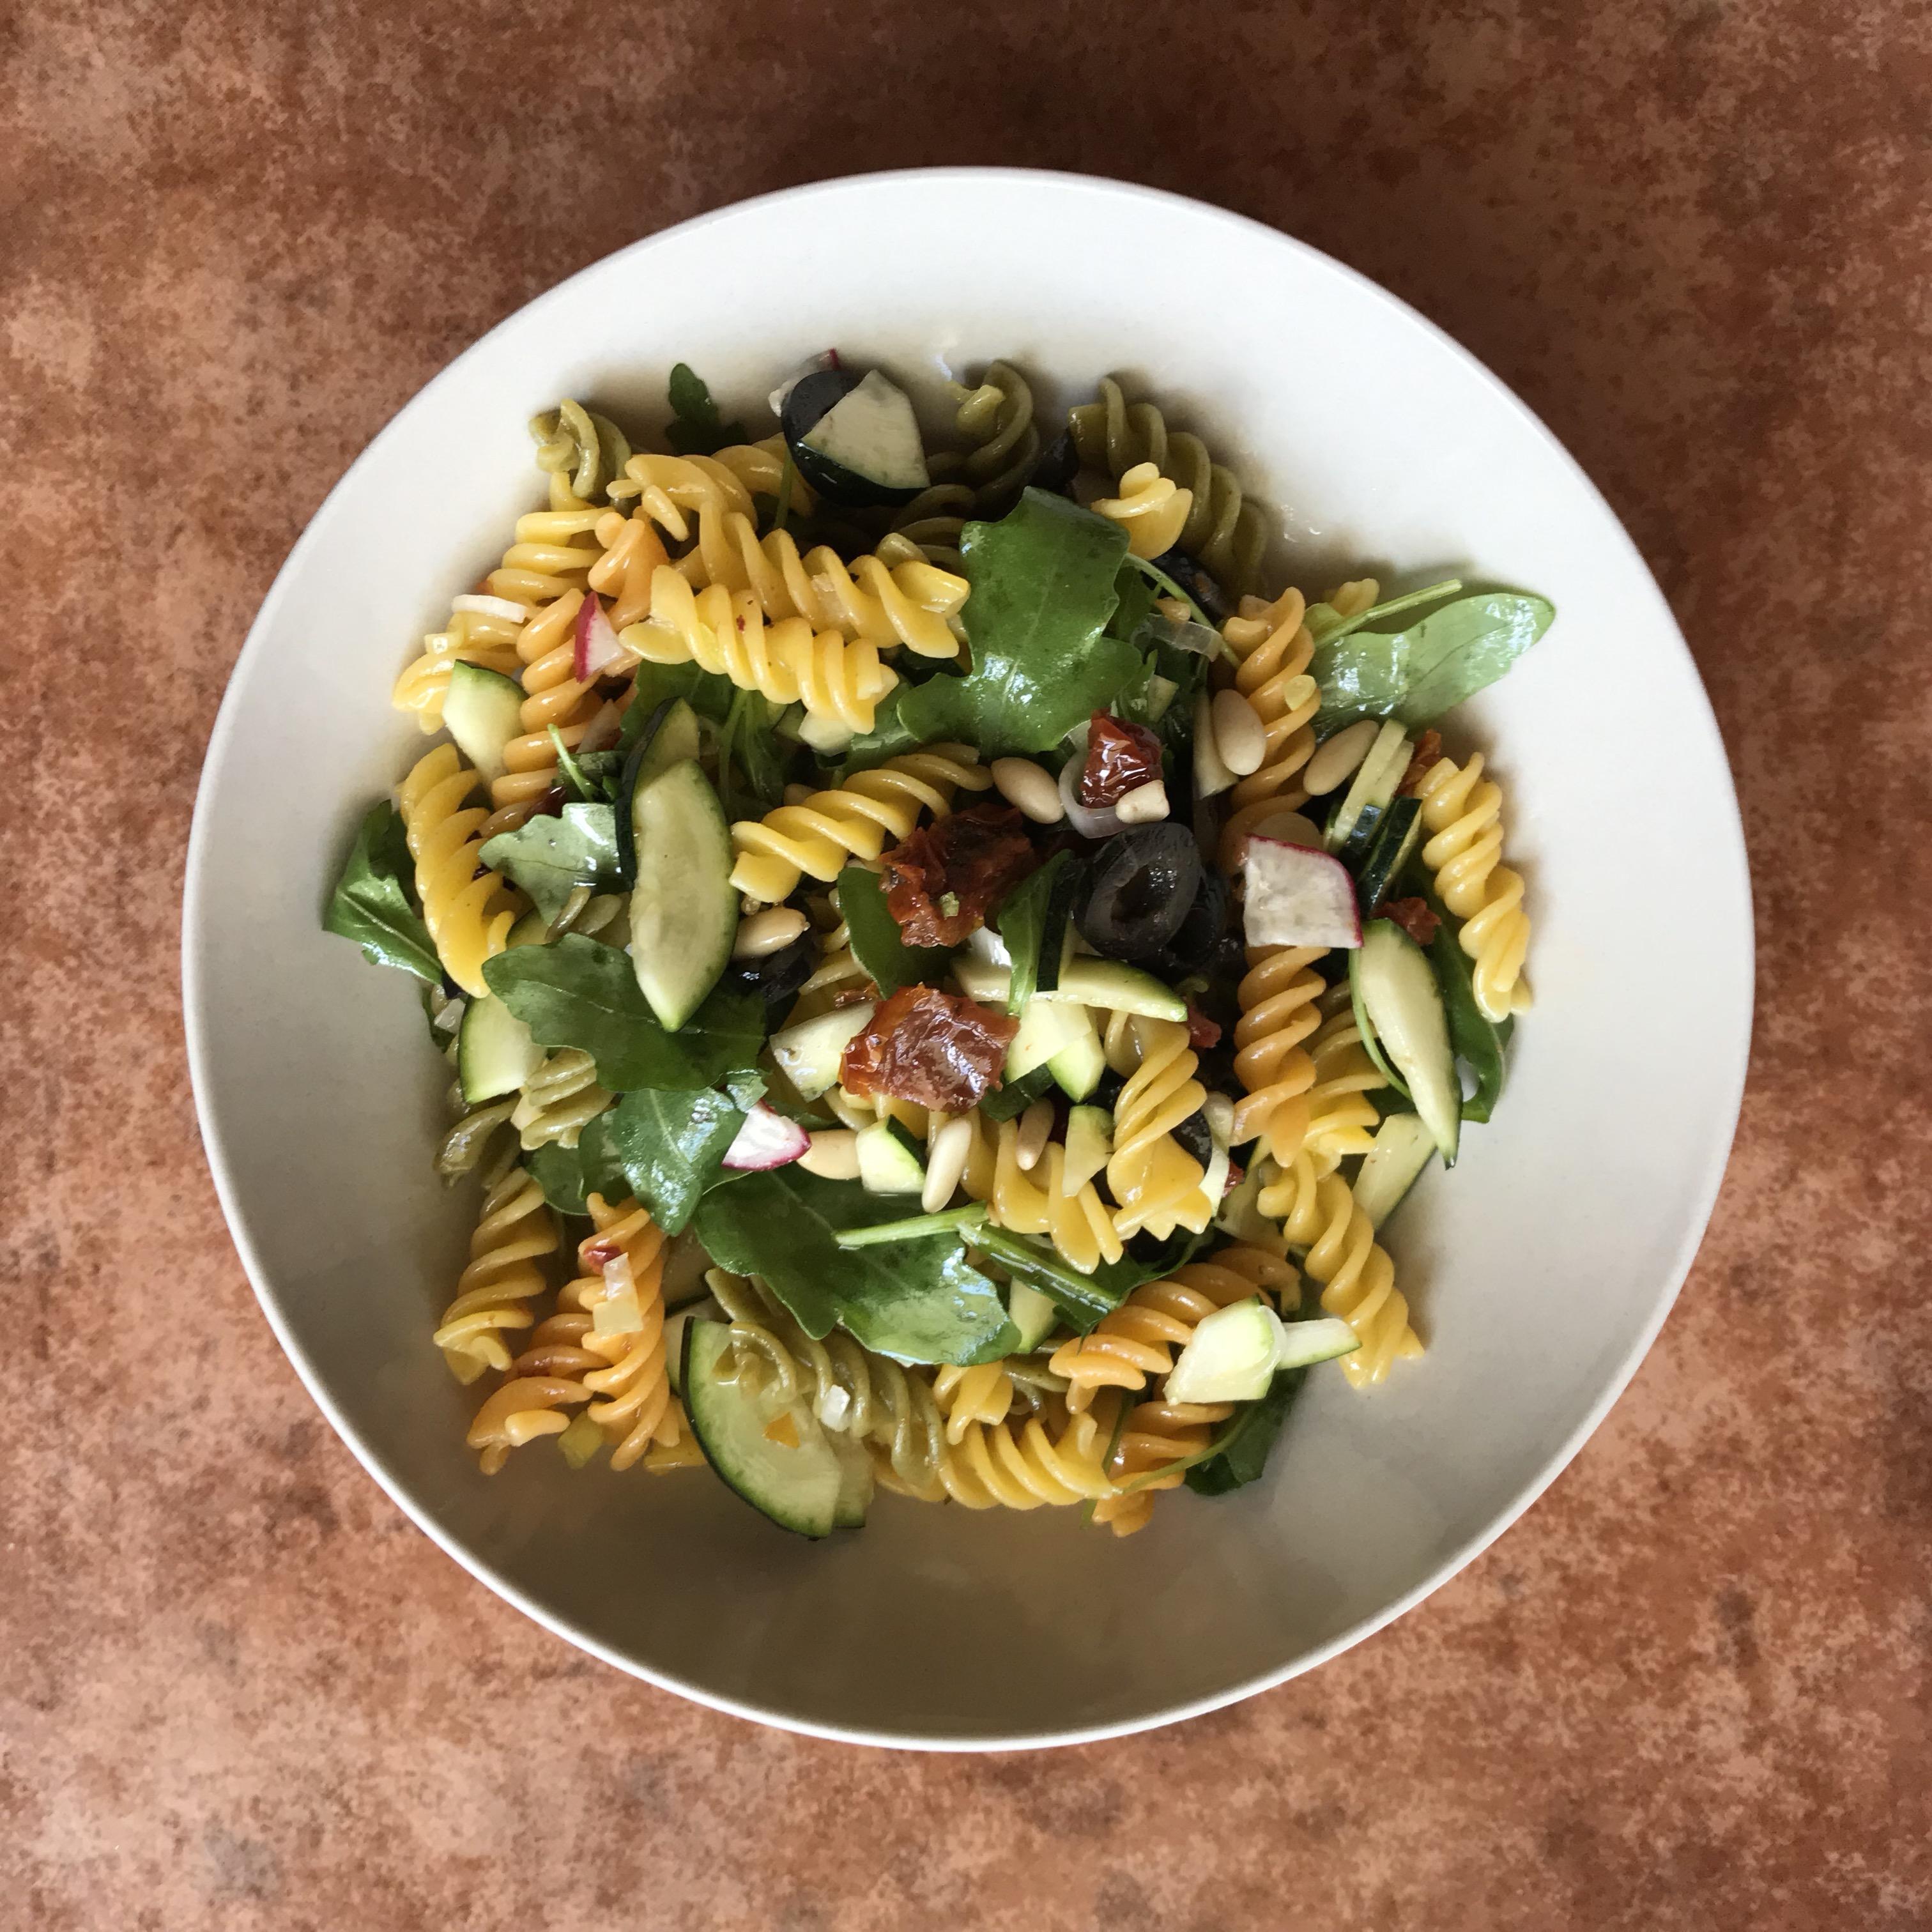 Mediterranean Pasta & Rocket Salad (gluten-free)